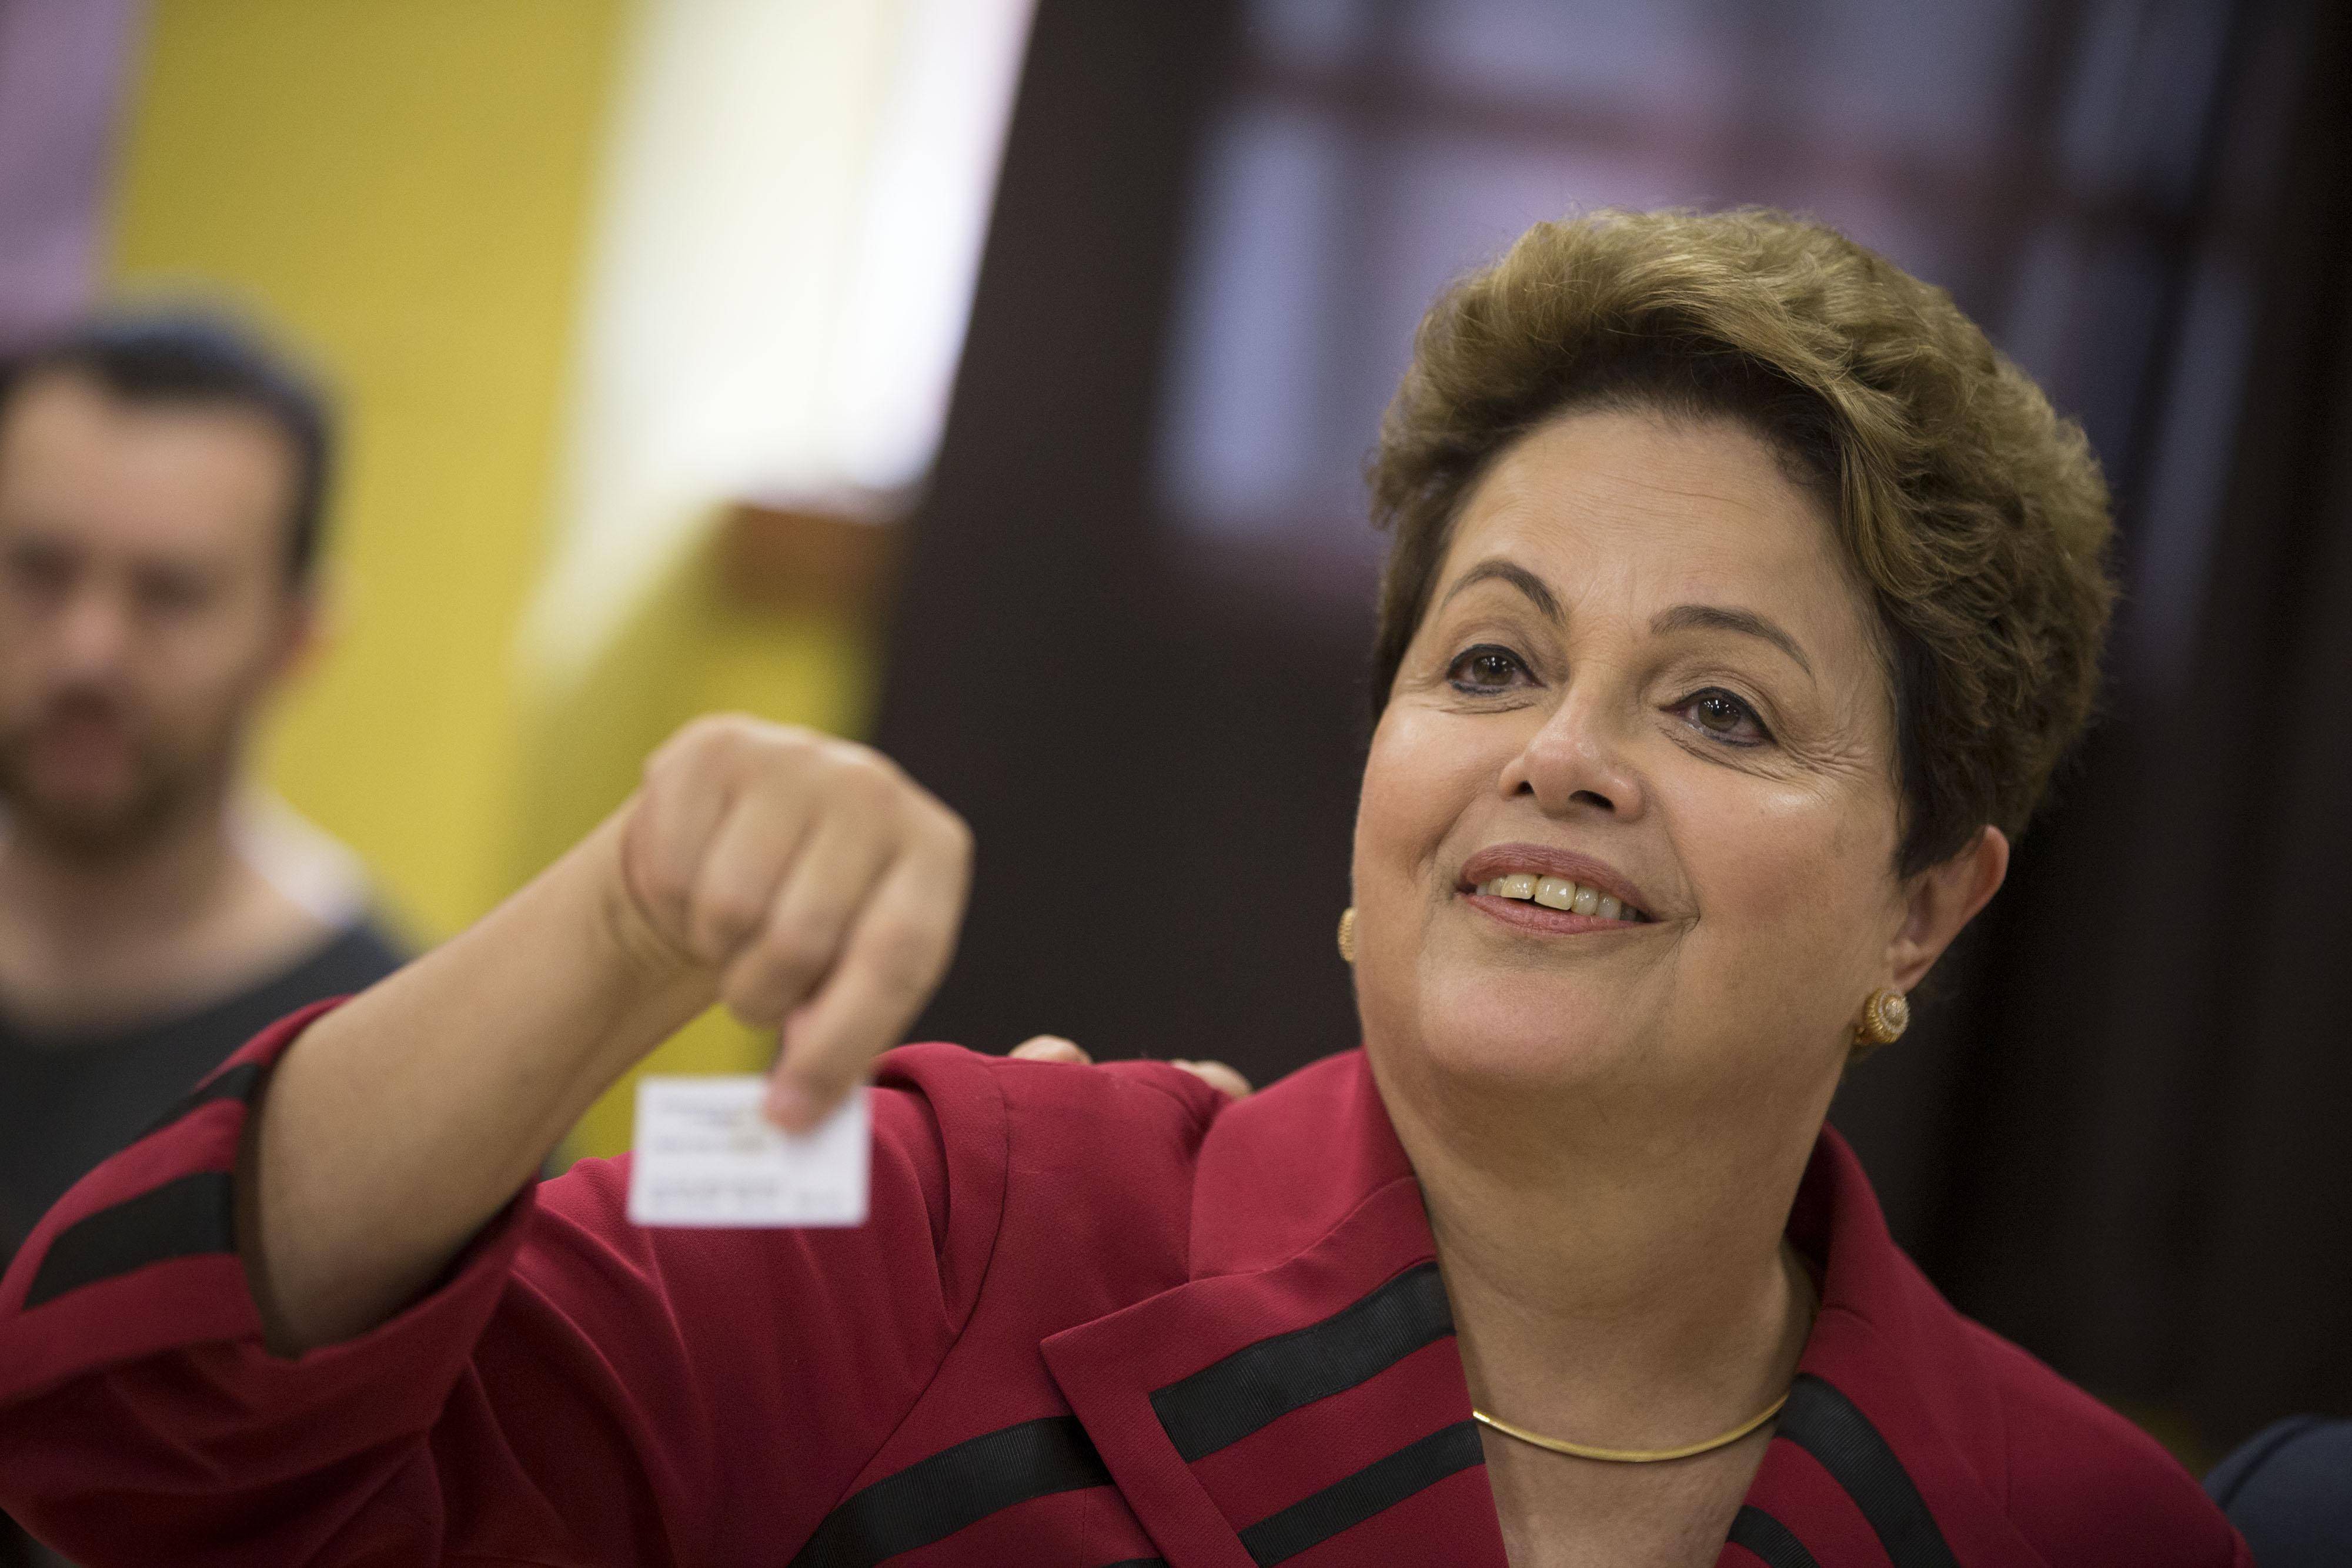 Ecco tutti gli errori fatti da Dilma Rousseff